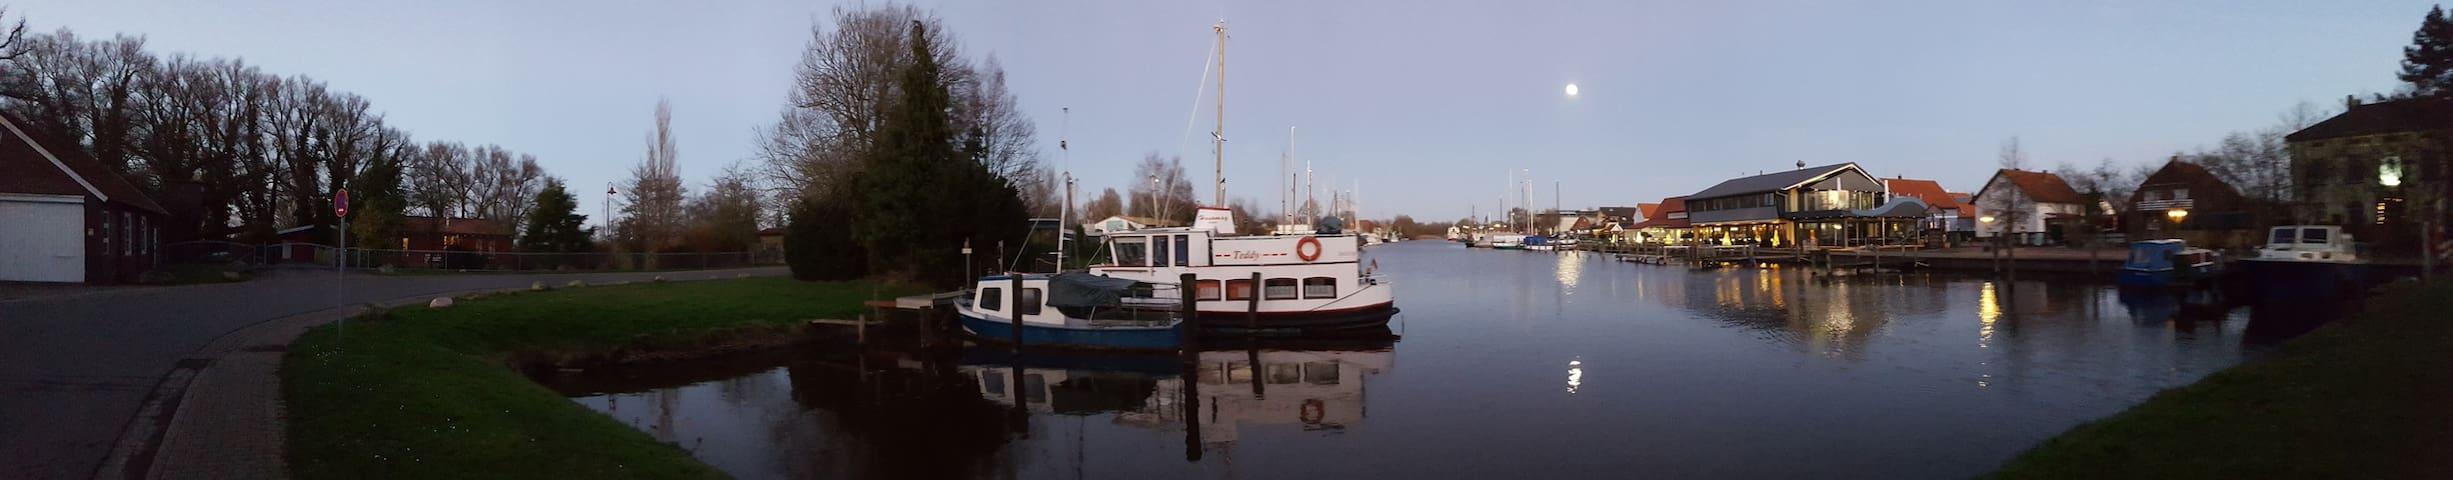 Schöne Einliegerwohnung direkt am Vareler Hafen